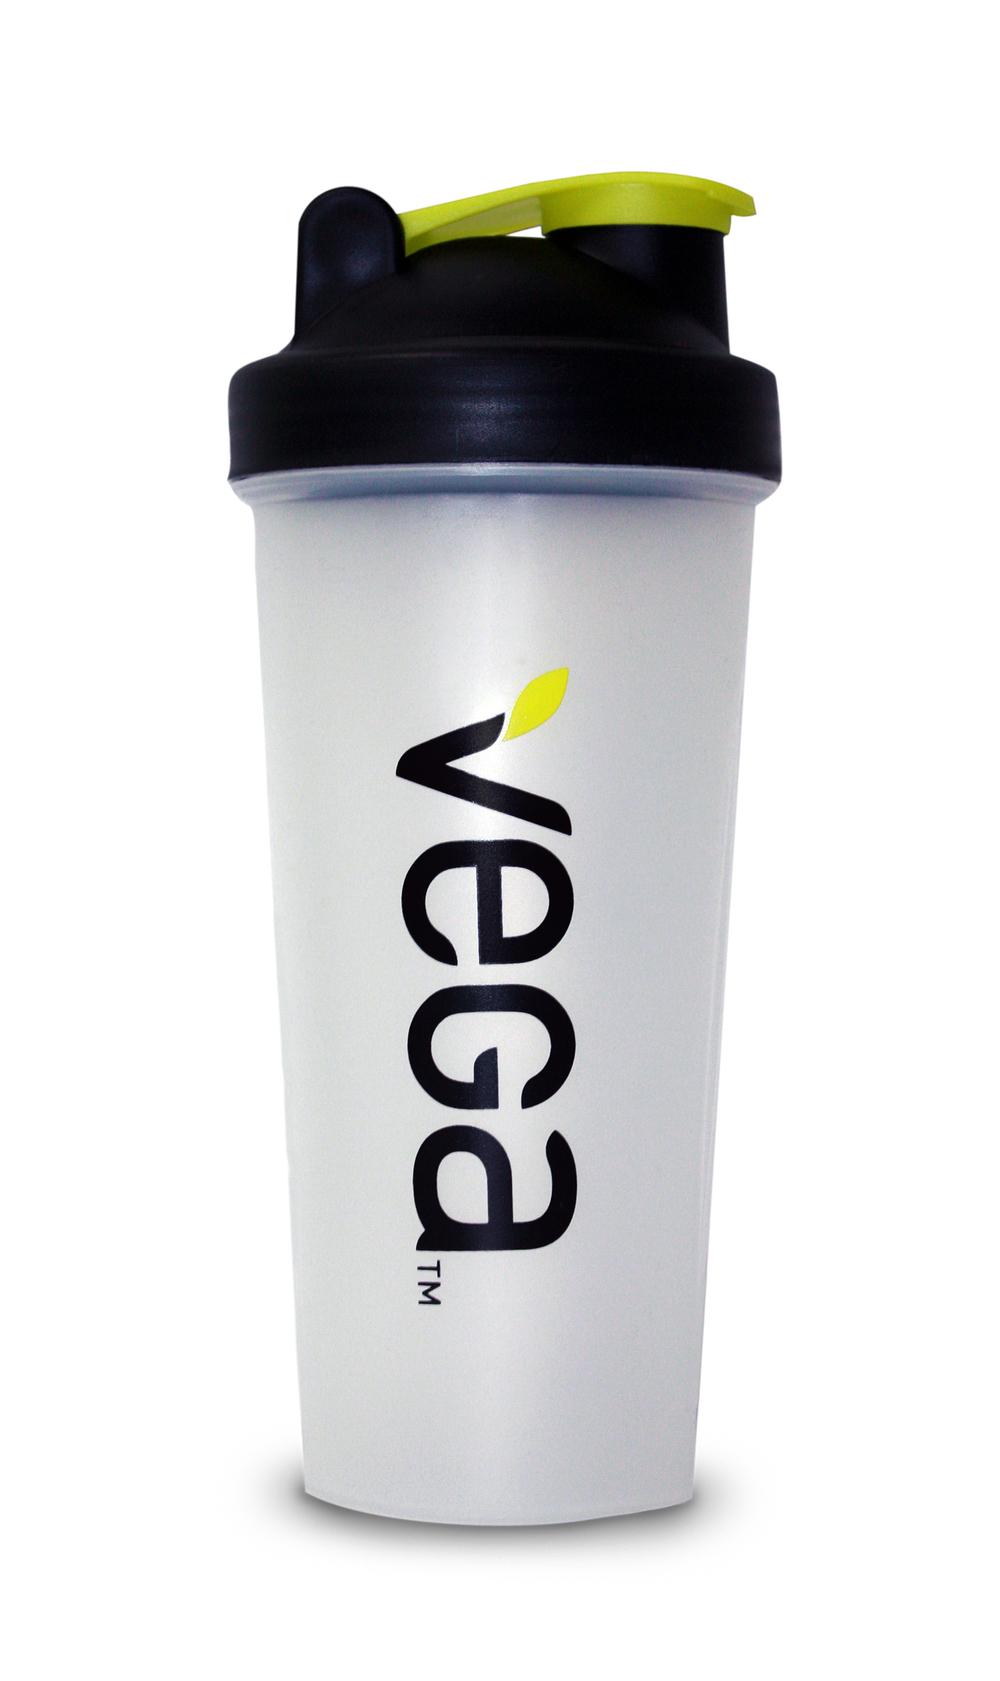 shaker-cup-edit.jpg